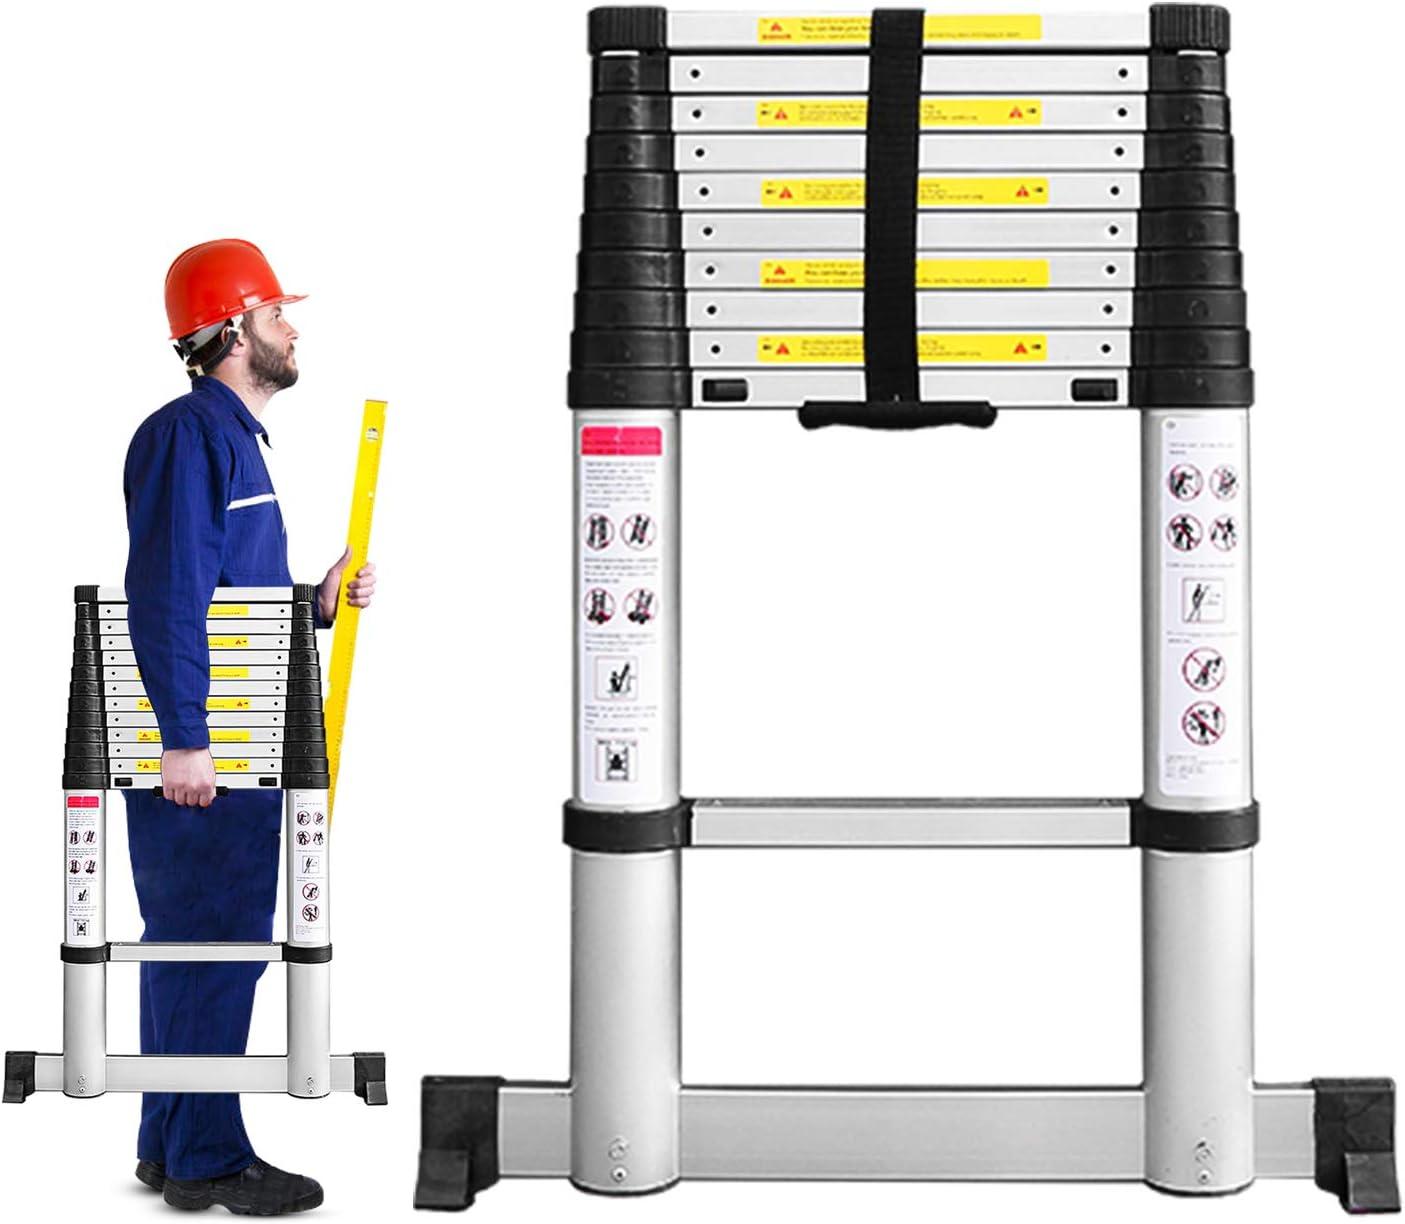 Todeco 3,2m Escalera Telescópicaescalera Plegable, Escaleras de Aluminio con Barra Estabilizadora, 11 Peldaños Escaleras Escamoteables Carga Máxima 150 kg: Amazon.es: Bricolaje y herramientas